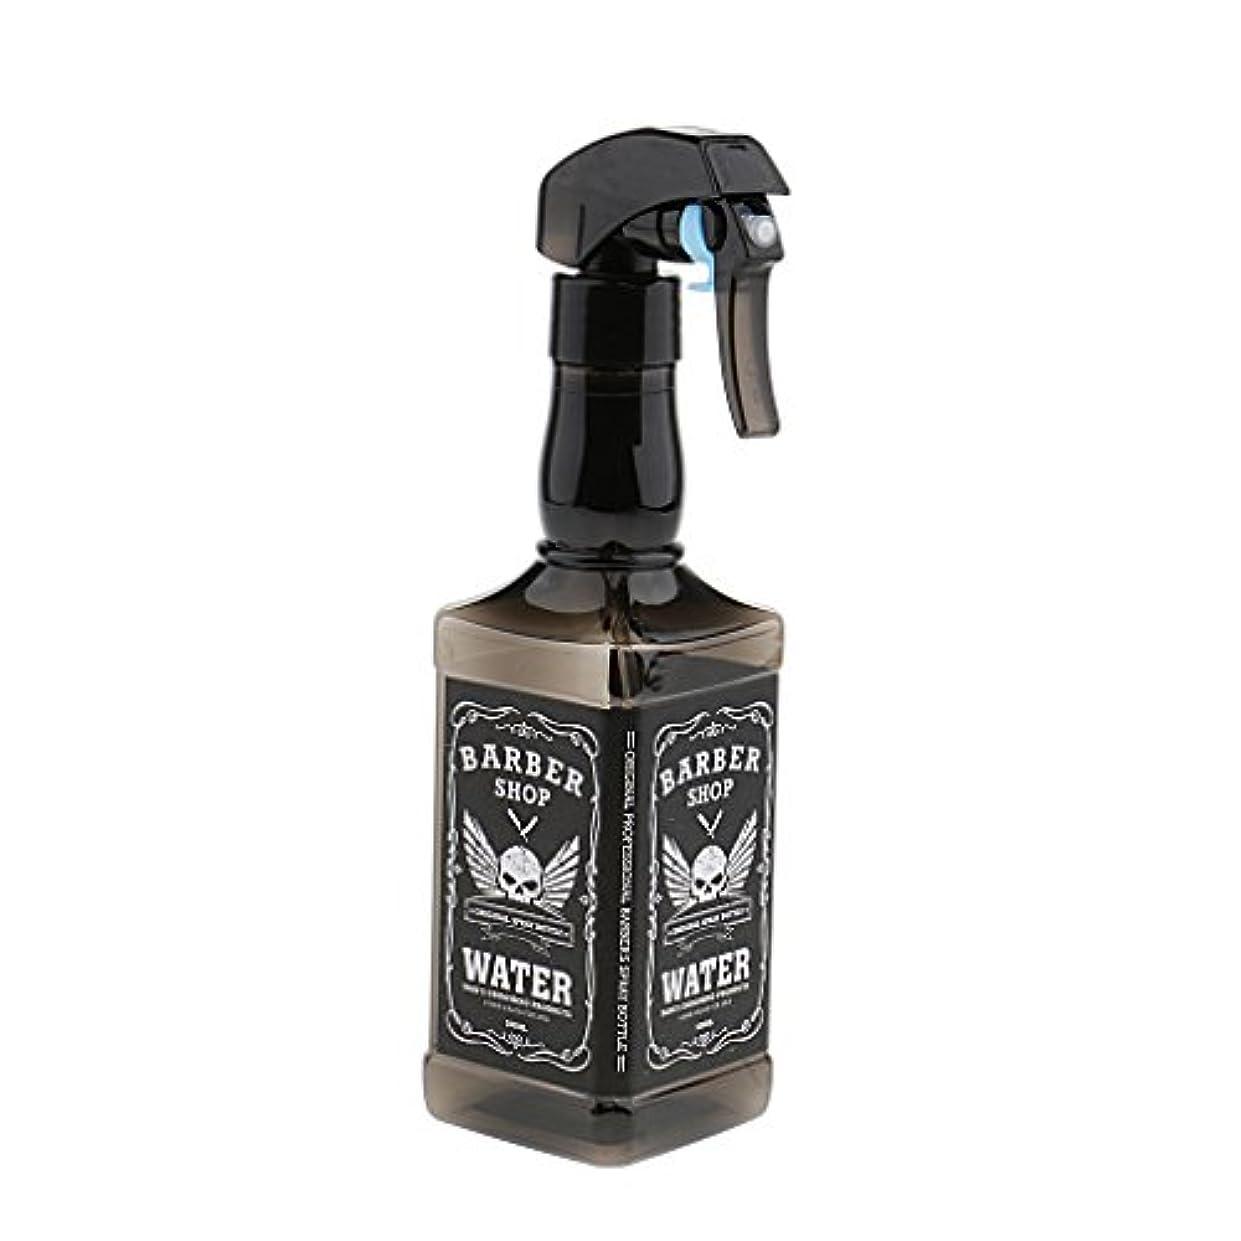 ヘリコプターサーバント閉じ込めるスプレーボトル プラスチック製 ヘアスプレー ボトル サロン 美容院 水スプレー 500ml 3色選べ - ブラック